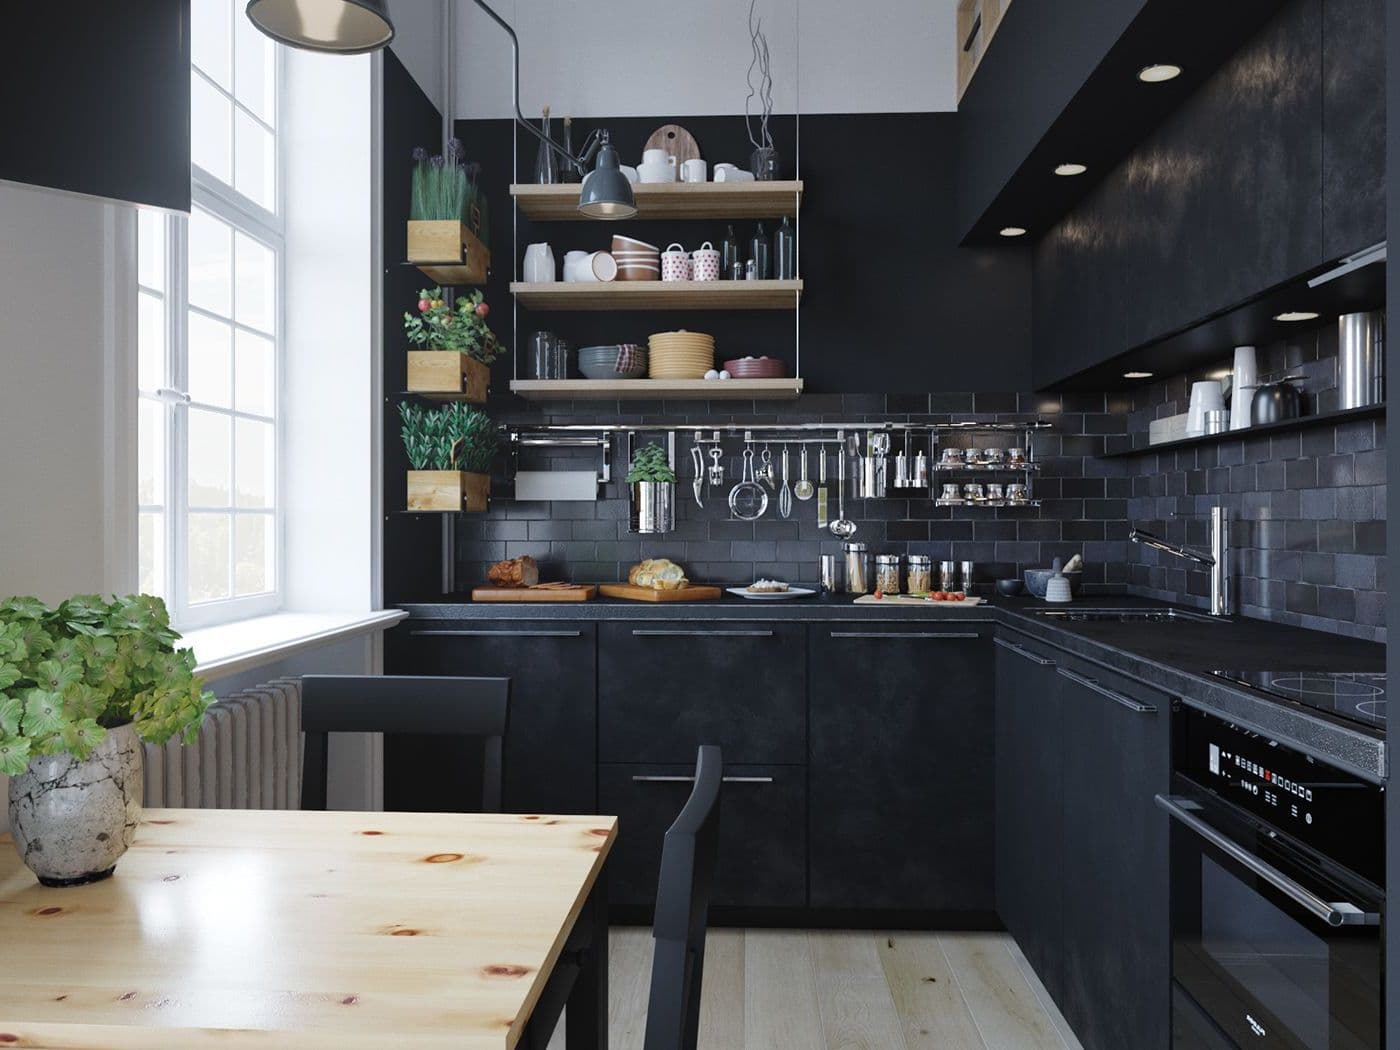 Грамотная организация хранения кухонных ящиков, шкафов и принадлежностей формирует атмосферу сбалансированного пространства